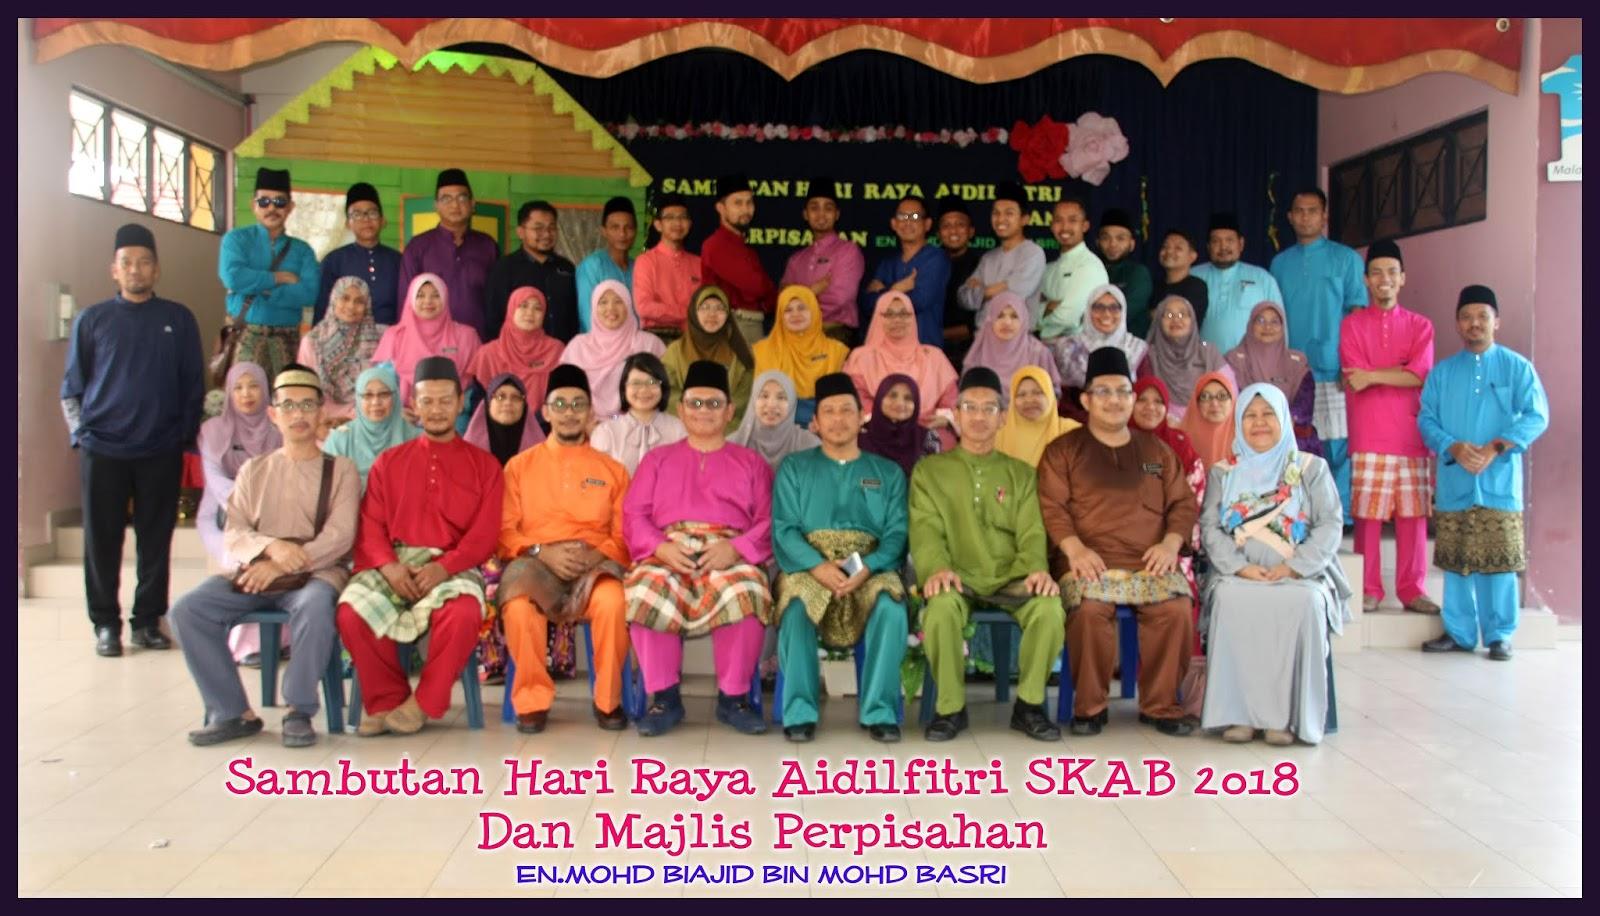 Sambutan Hari Raya Aidilfitri dan Perpisahan En.Mohd Biajid Bin Mohd Basri